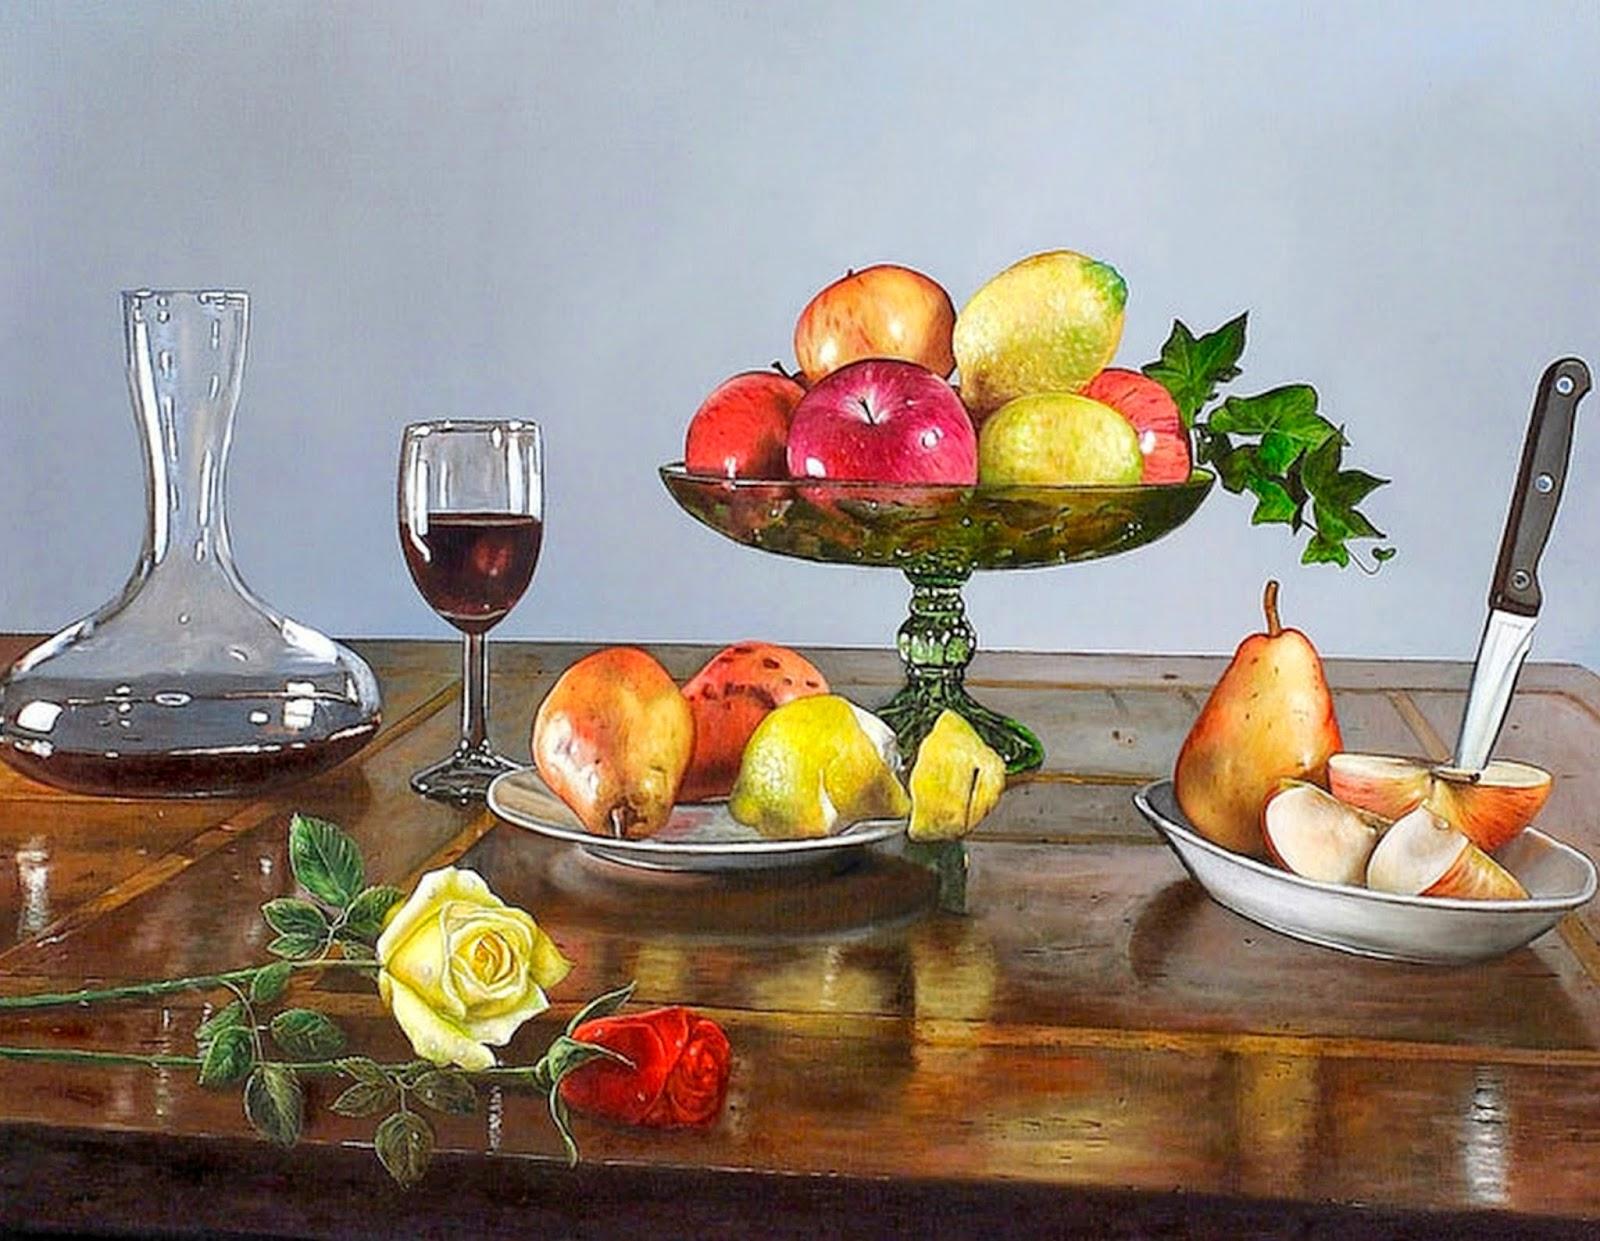 hiperrealismo-al-maximo-de-bodegones-con-frutas